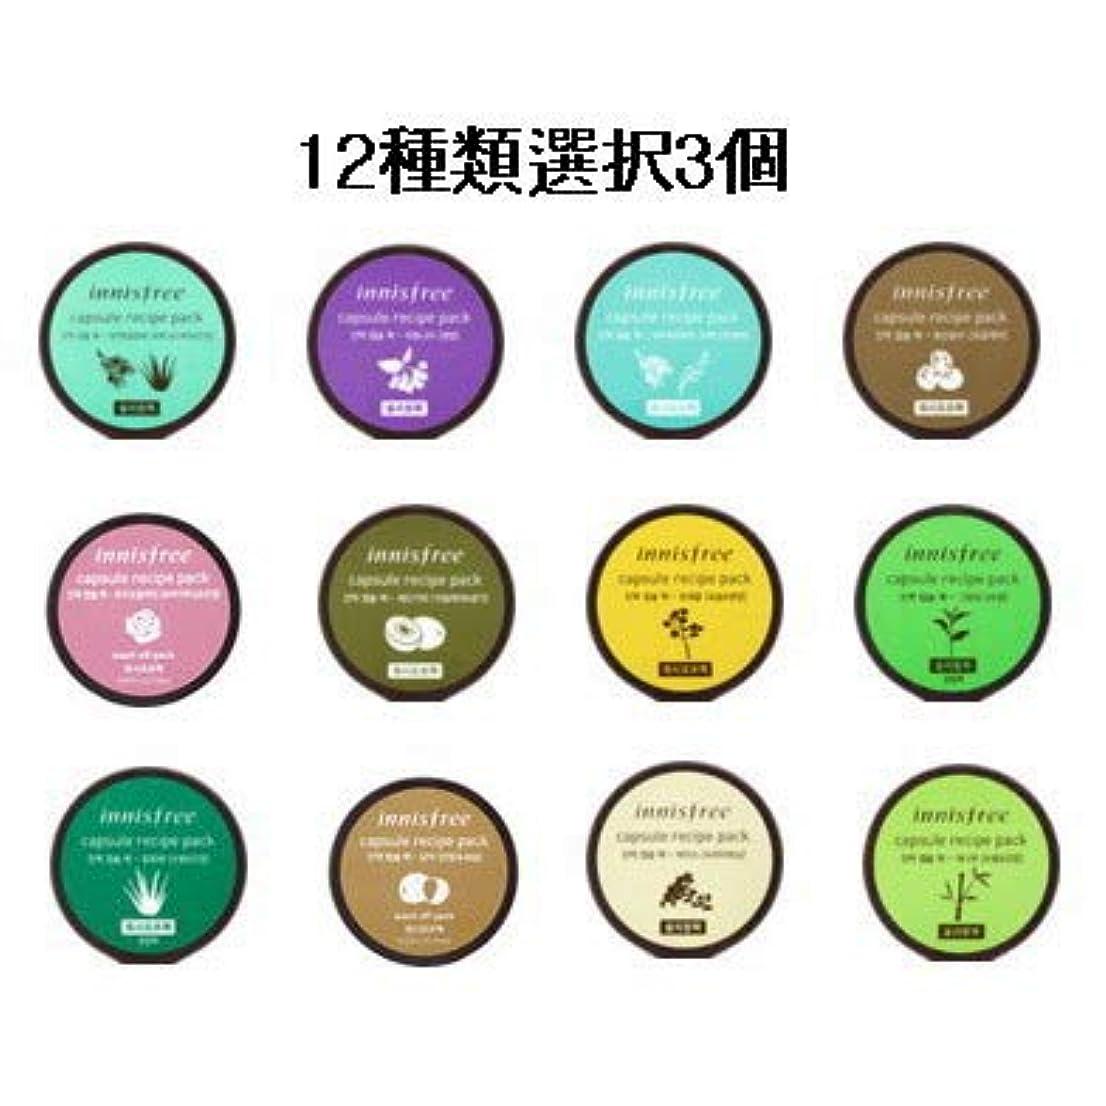 通貨合図傾斜【innisfree(イニスフリー)】津液カプセルパック10ml×3個 (12種類選択3個) [並行輸入品]